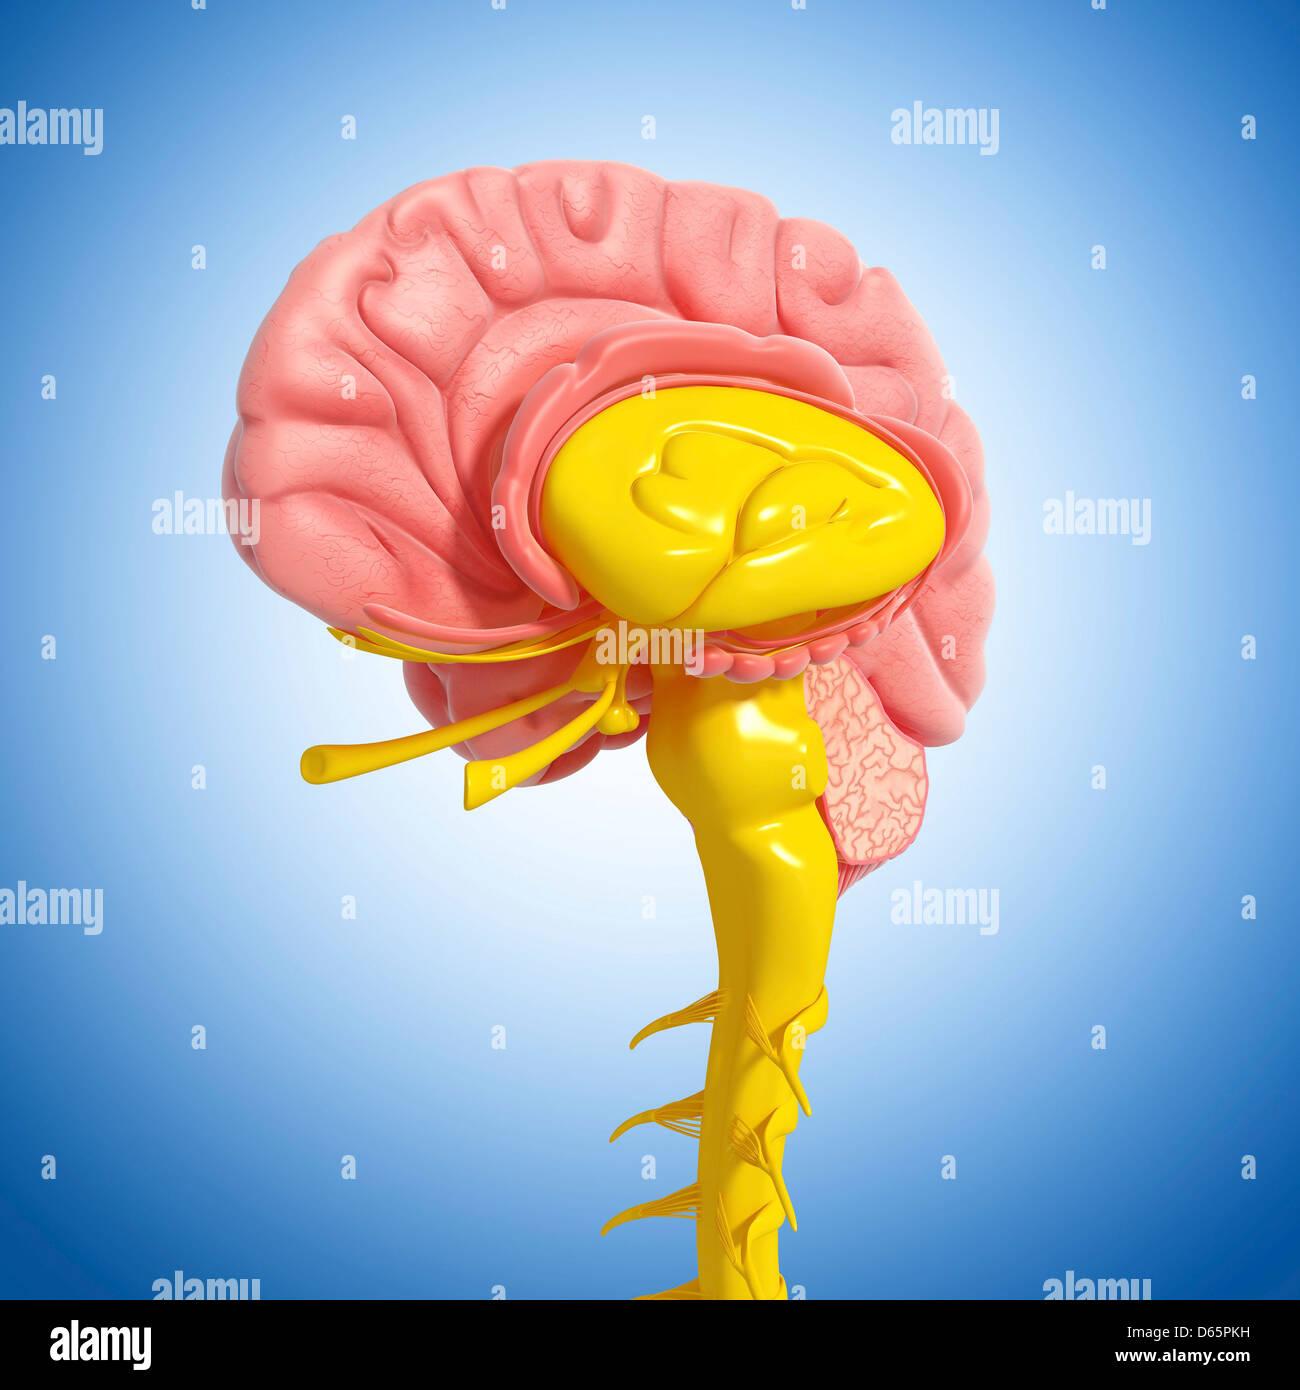 Illustration Human Midbrain Anatomy Stockfotos & Illustration Human ...